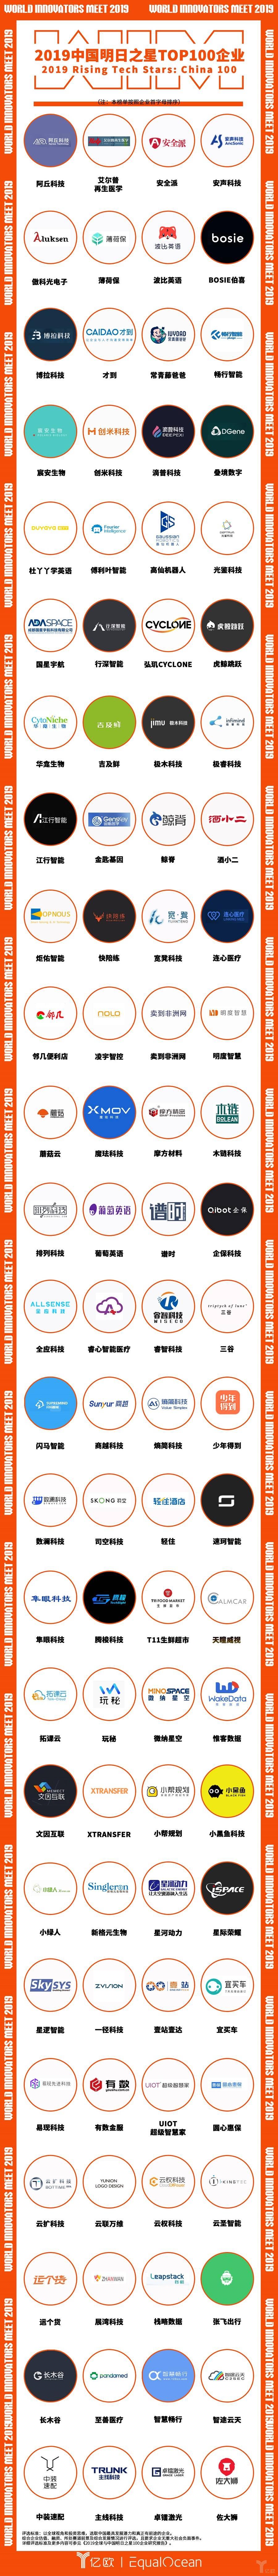 亿欧:中国明日之星100企业